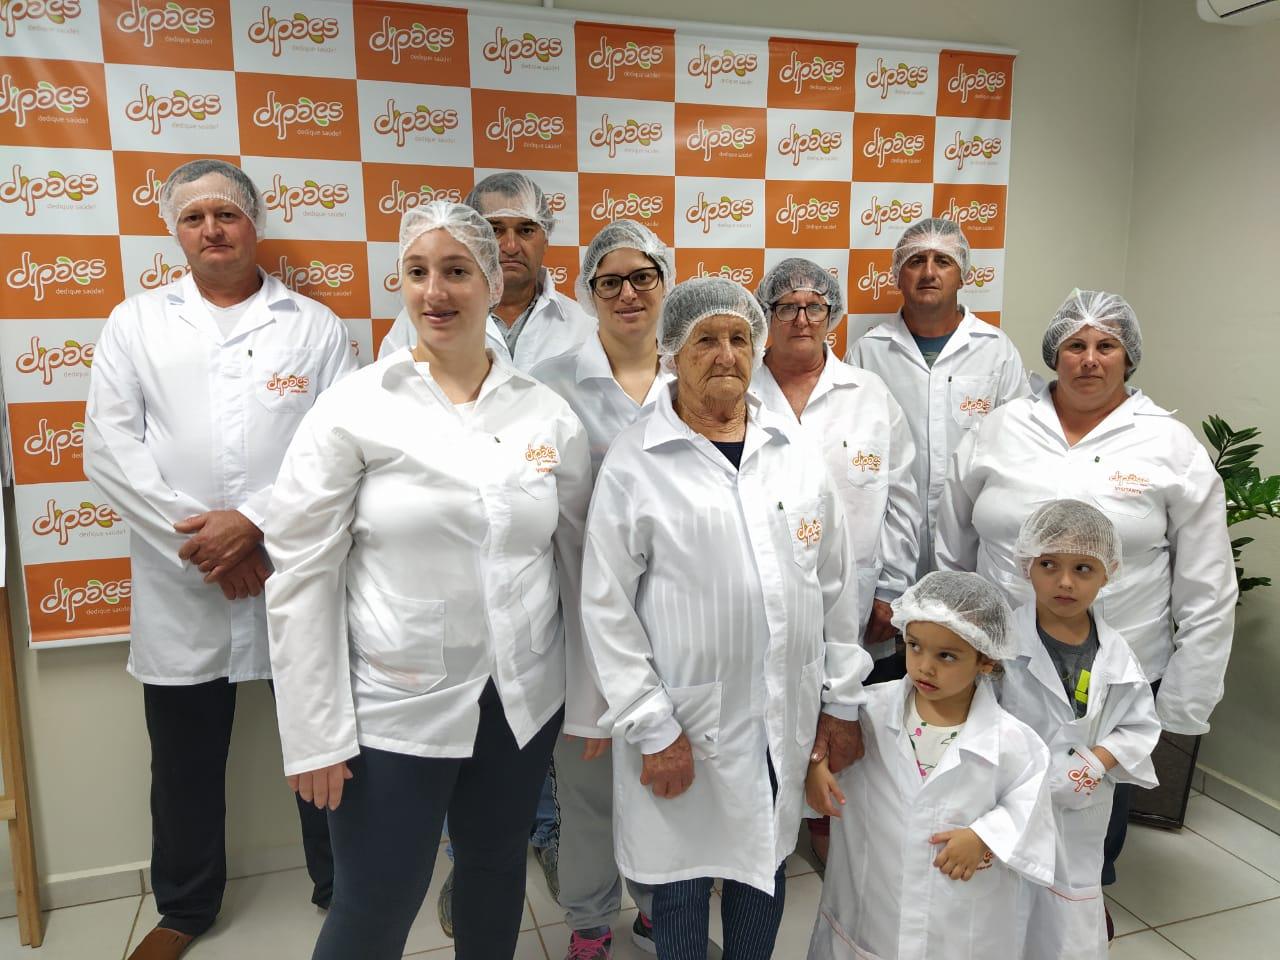 Familiares de Colaboradores da Dipães Matriz realizam visita à Indústria